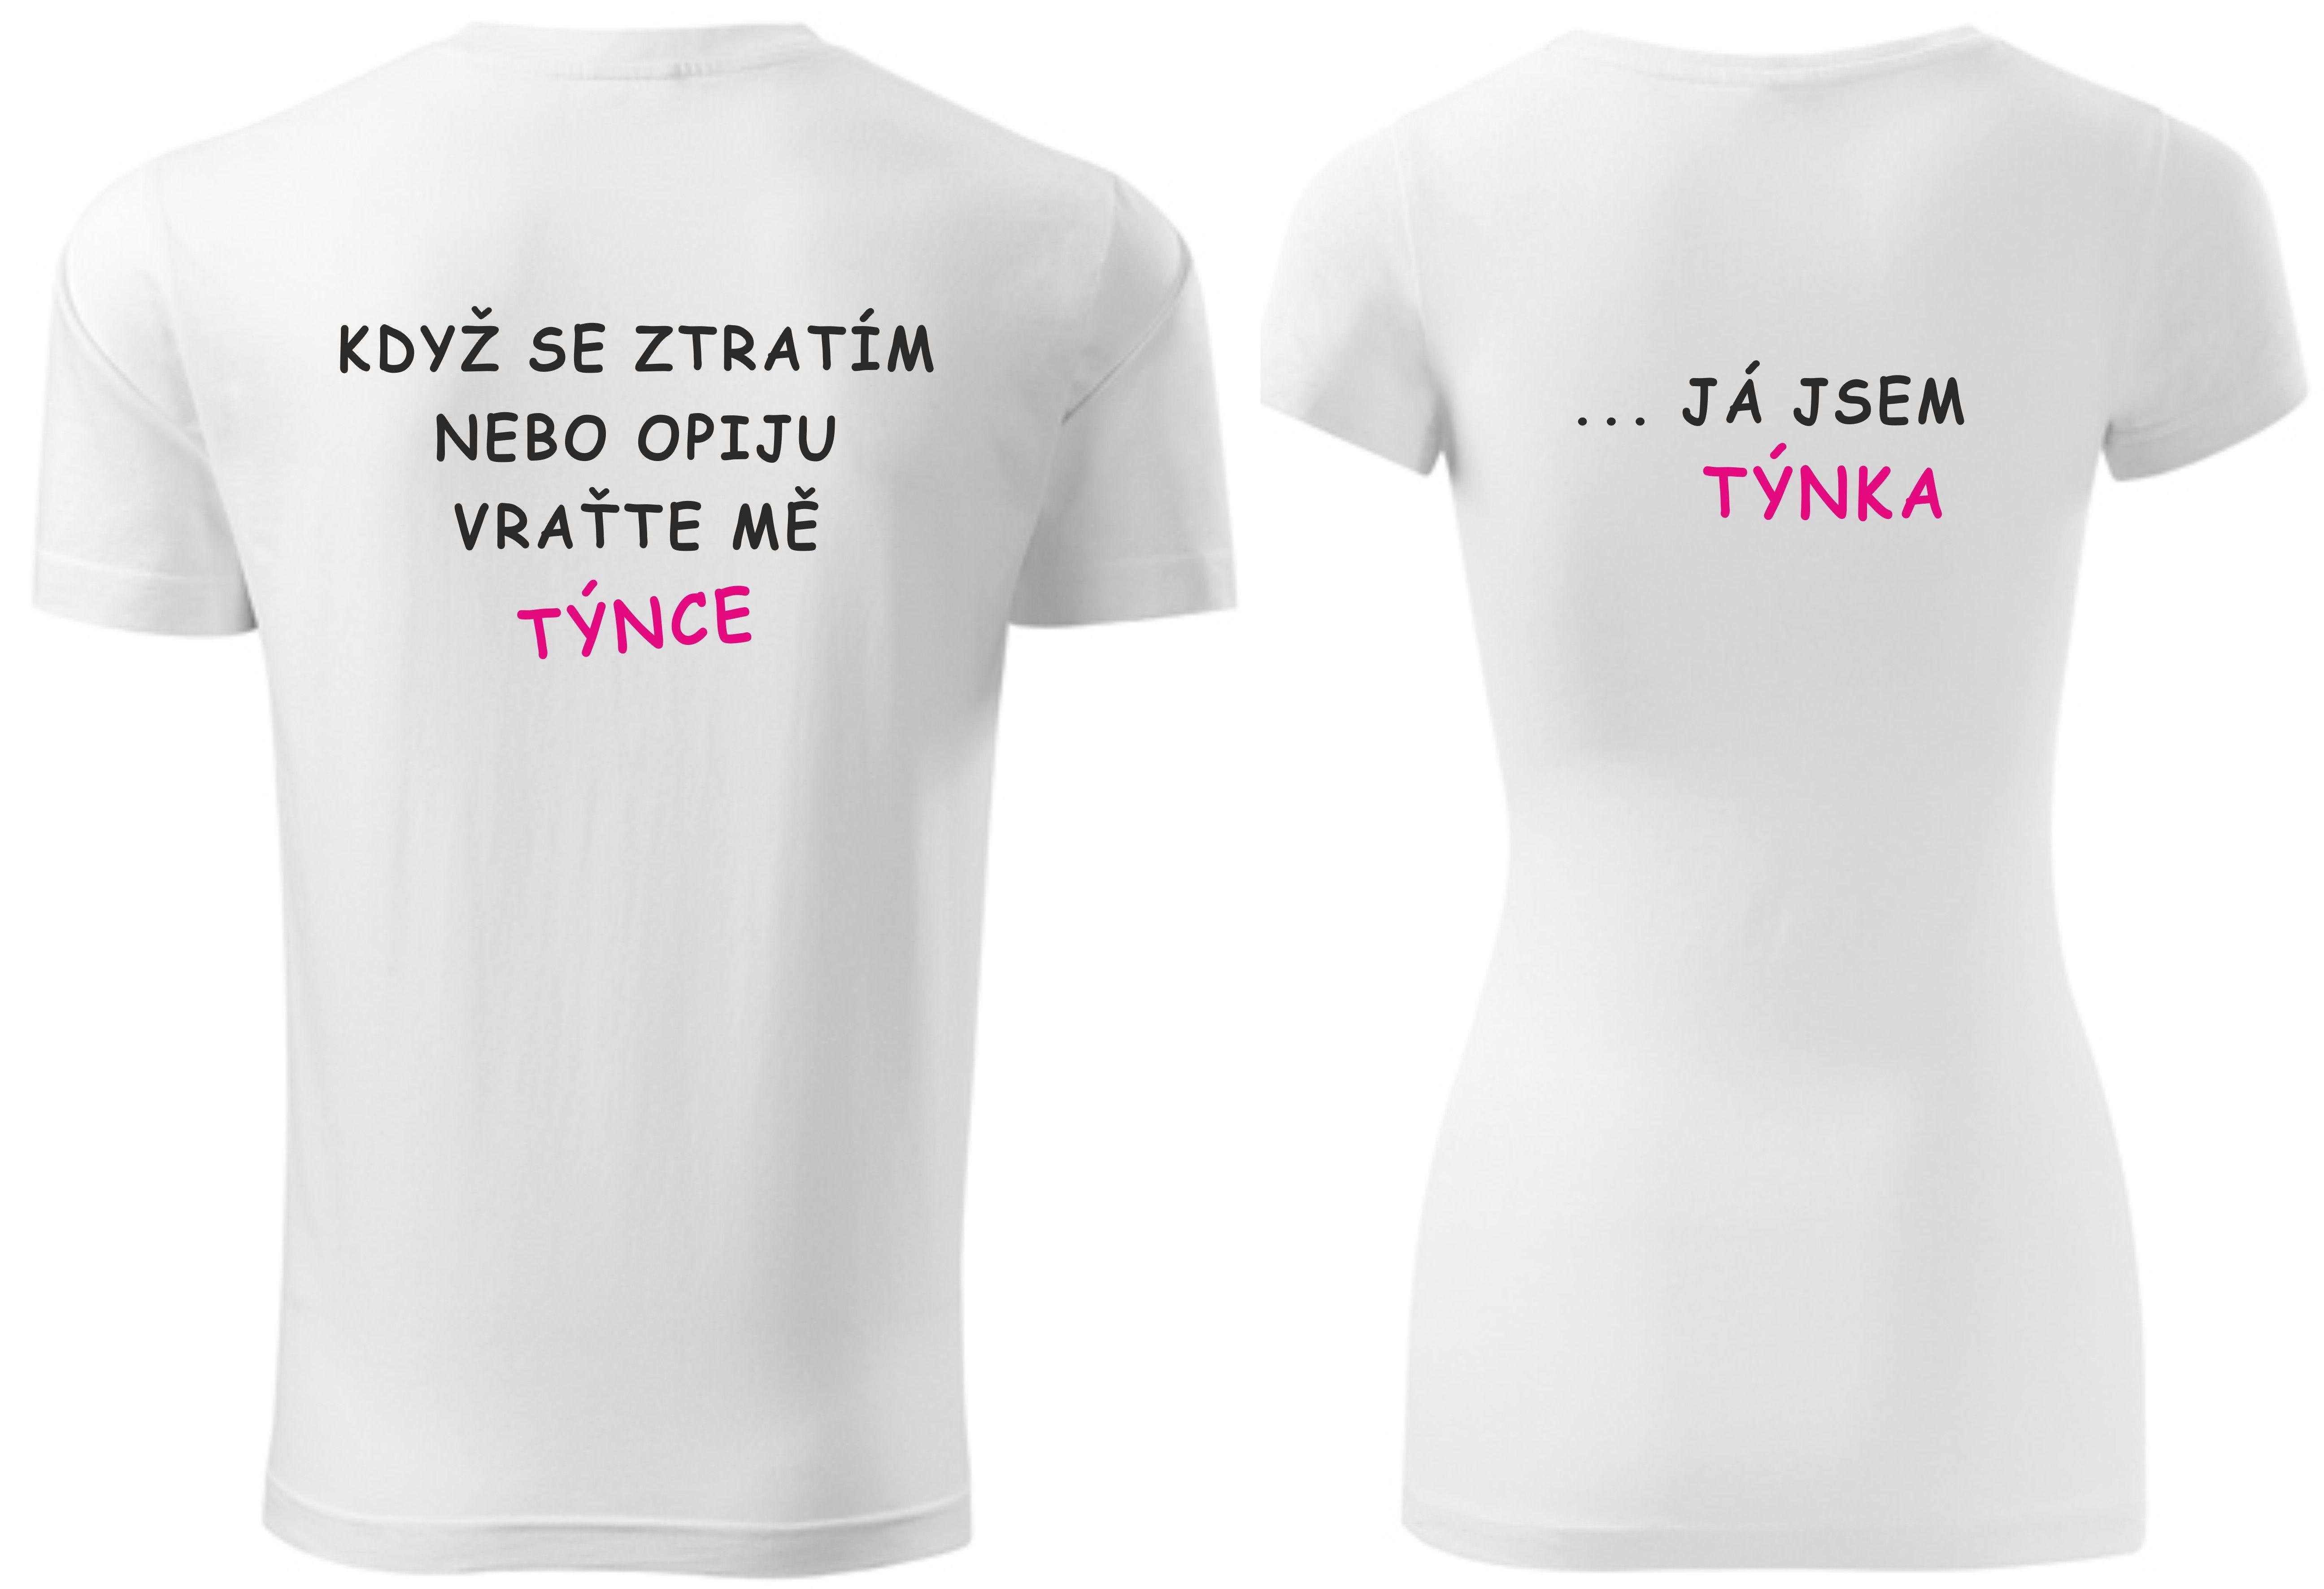 276271c3096 Trička pro páry - KDYŽ SE ZTRATÍM NEBO OPIJU VRAŤTE MĚ (zvol jméno ...